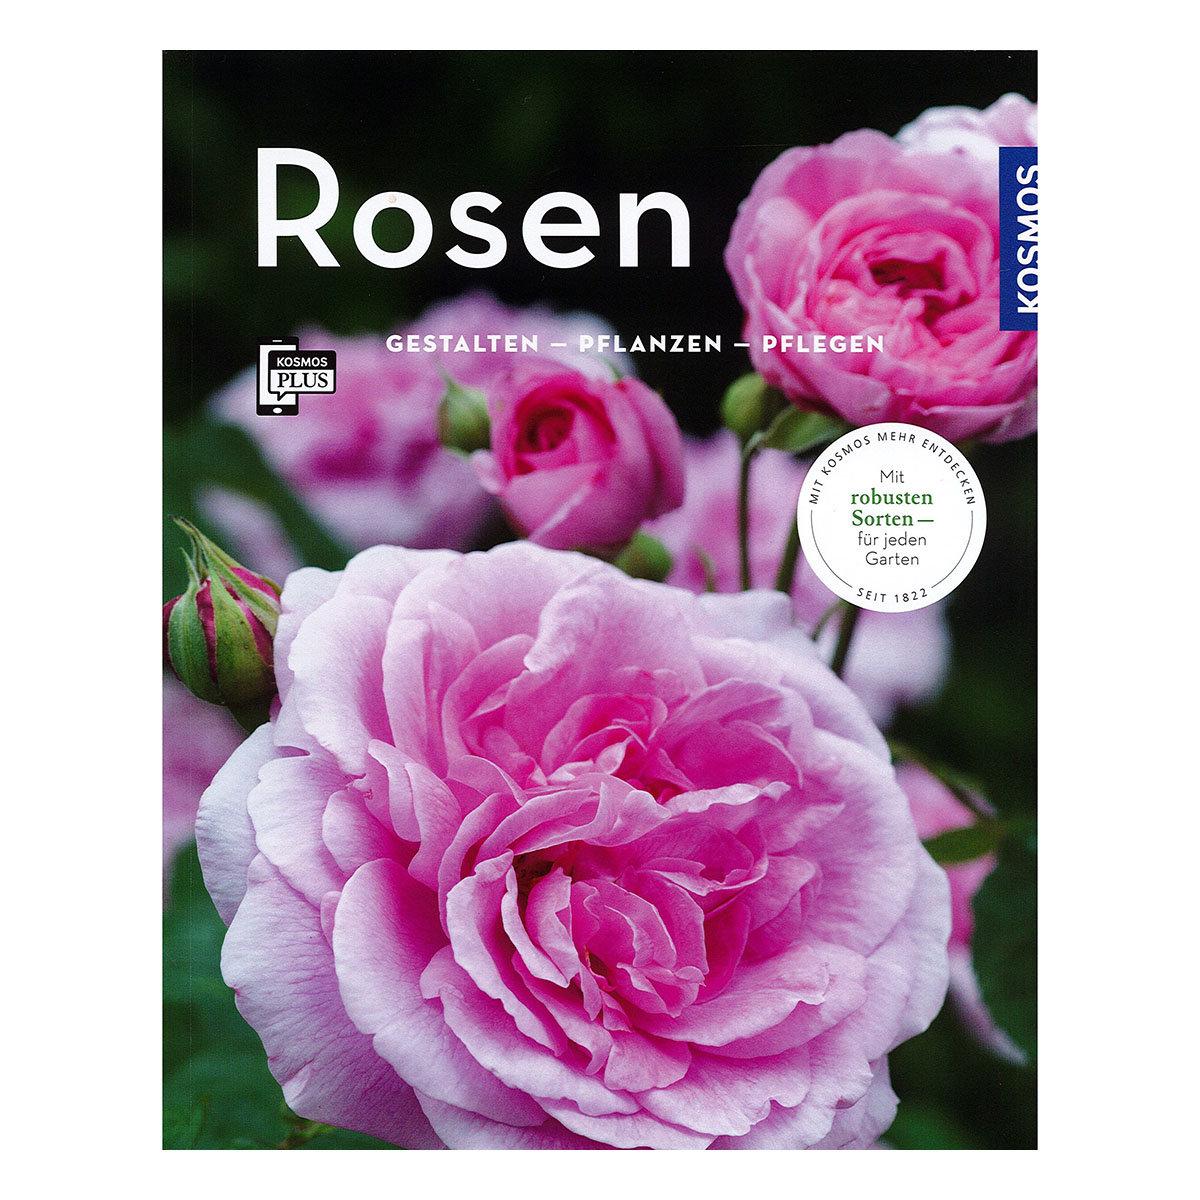 Rosen: Gestalten - Pflanzen - Pflegen